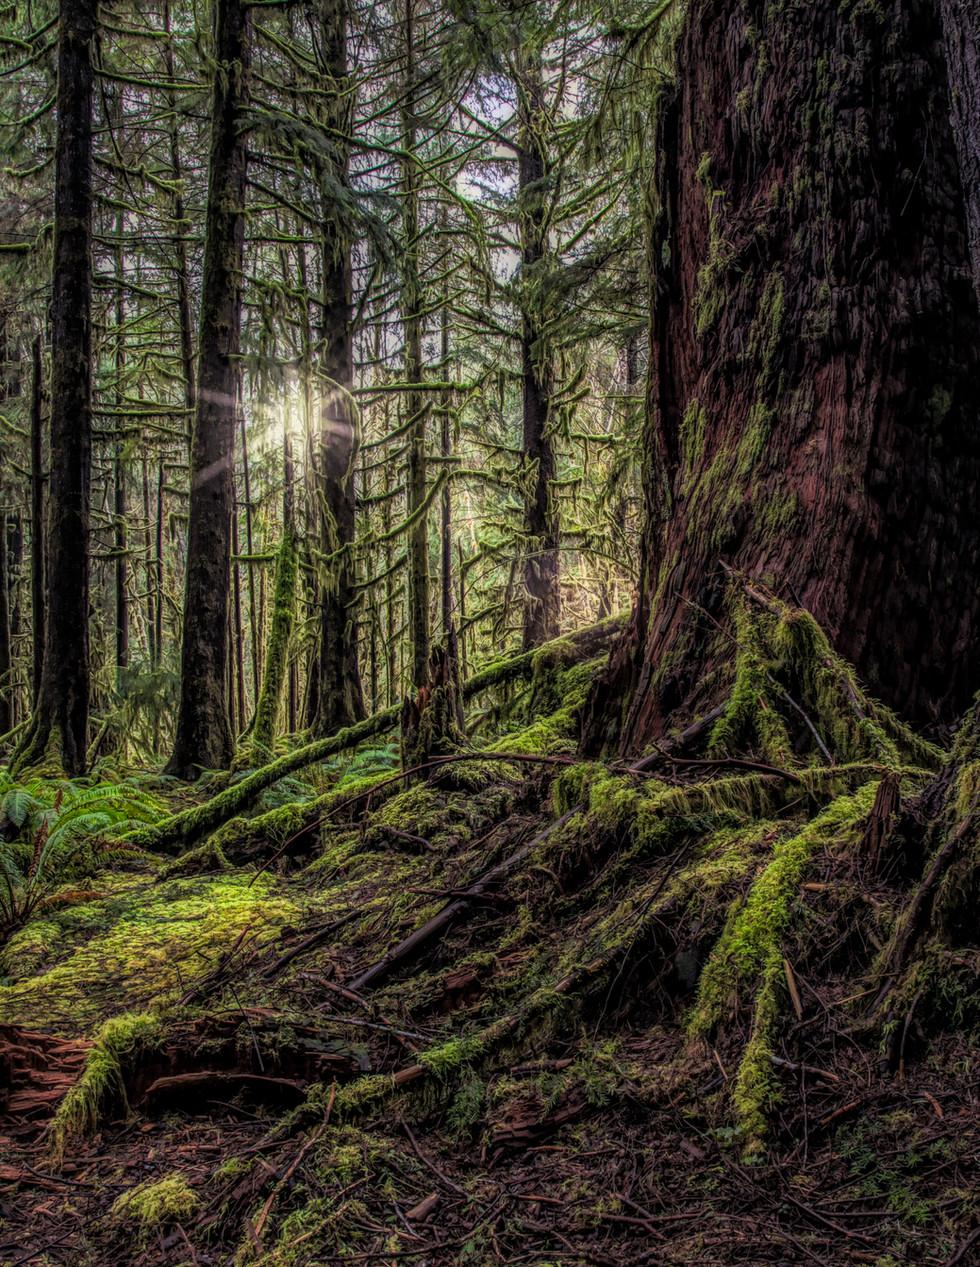 Daybreak, Rainforest Olympic Peninsula, WA